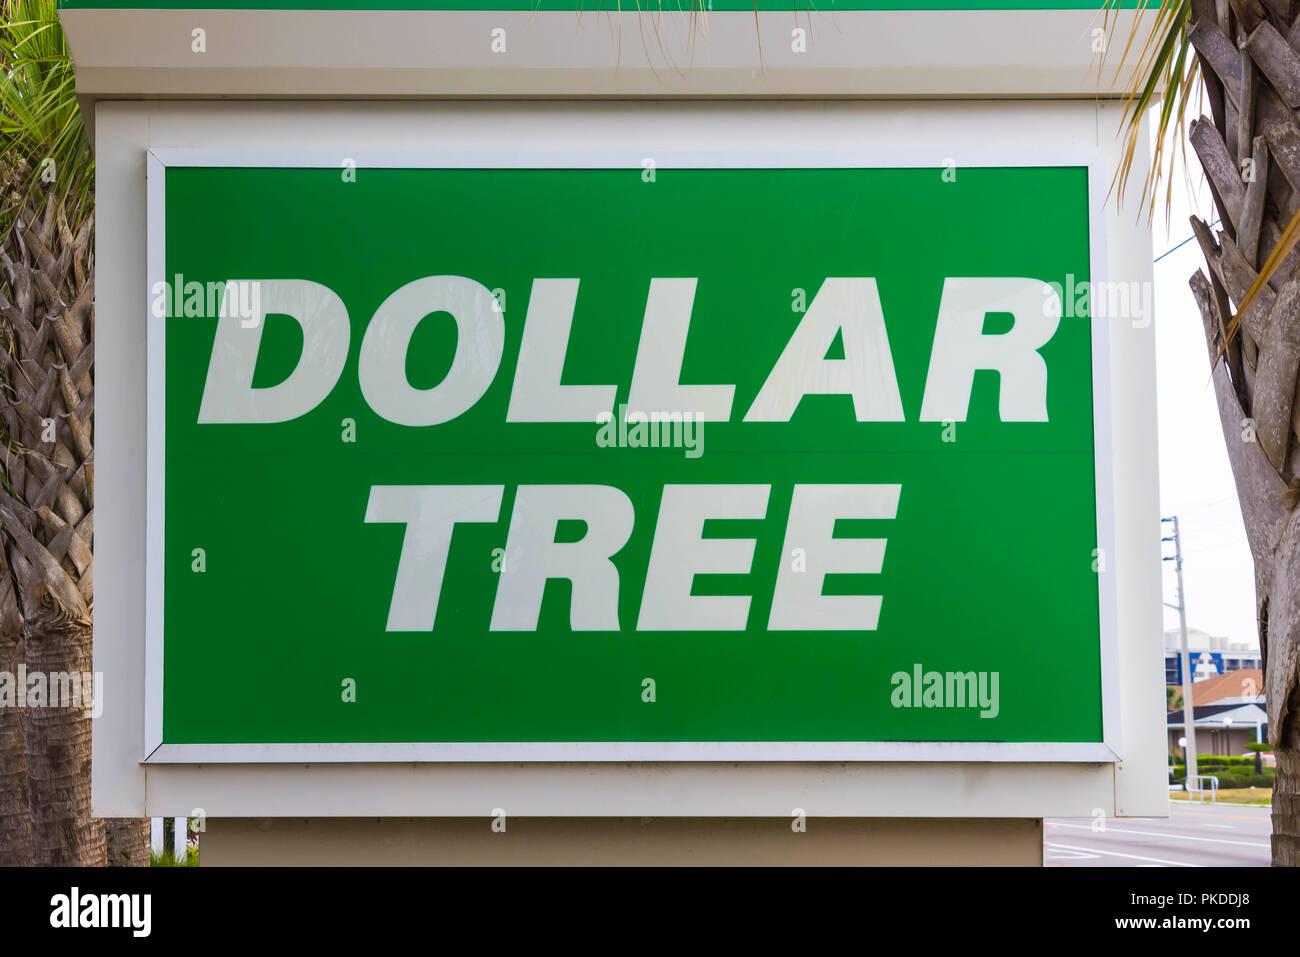 Usa Dollar Store Stock Photos & Usa Dollar Store Stock Images - Alamy